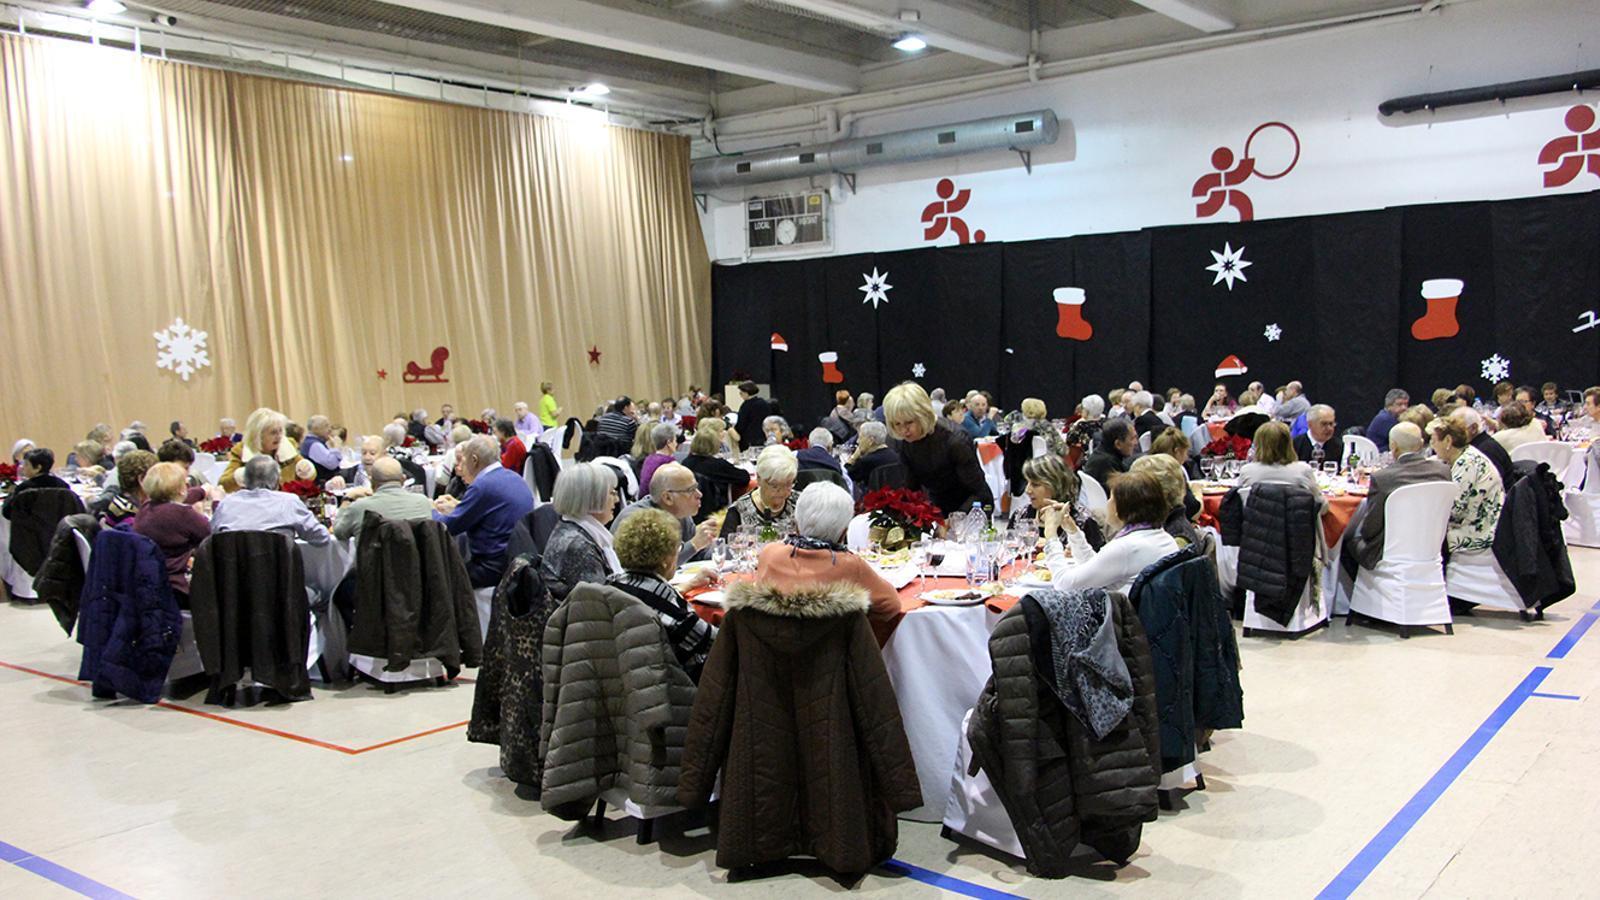 Prop de 150 padrins gaudeixen del dinar de Nadal de Sant Julià de Lòria. / M. M. (ANA)